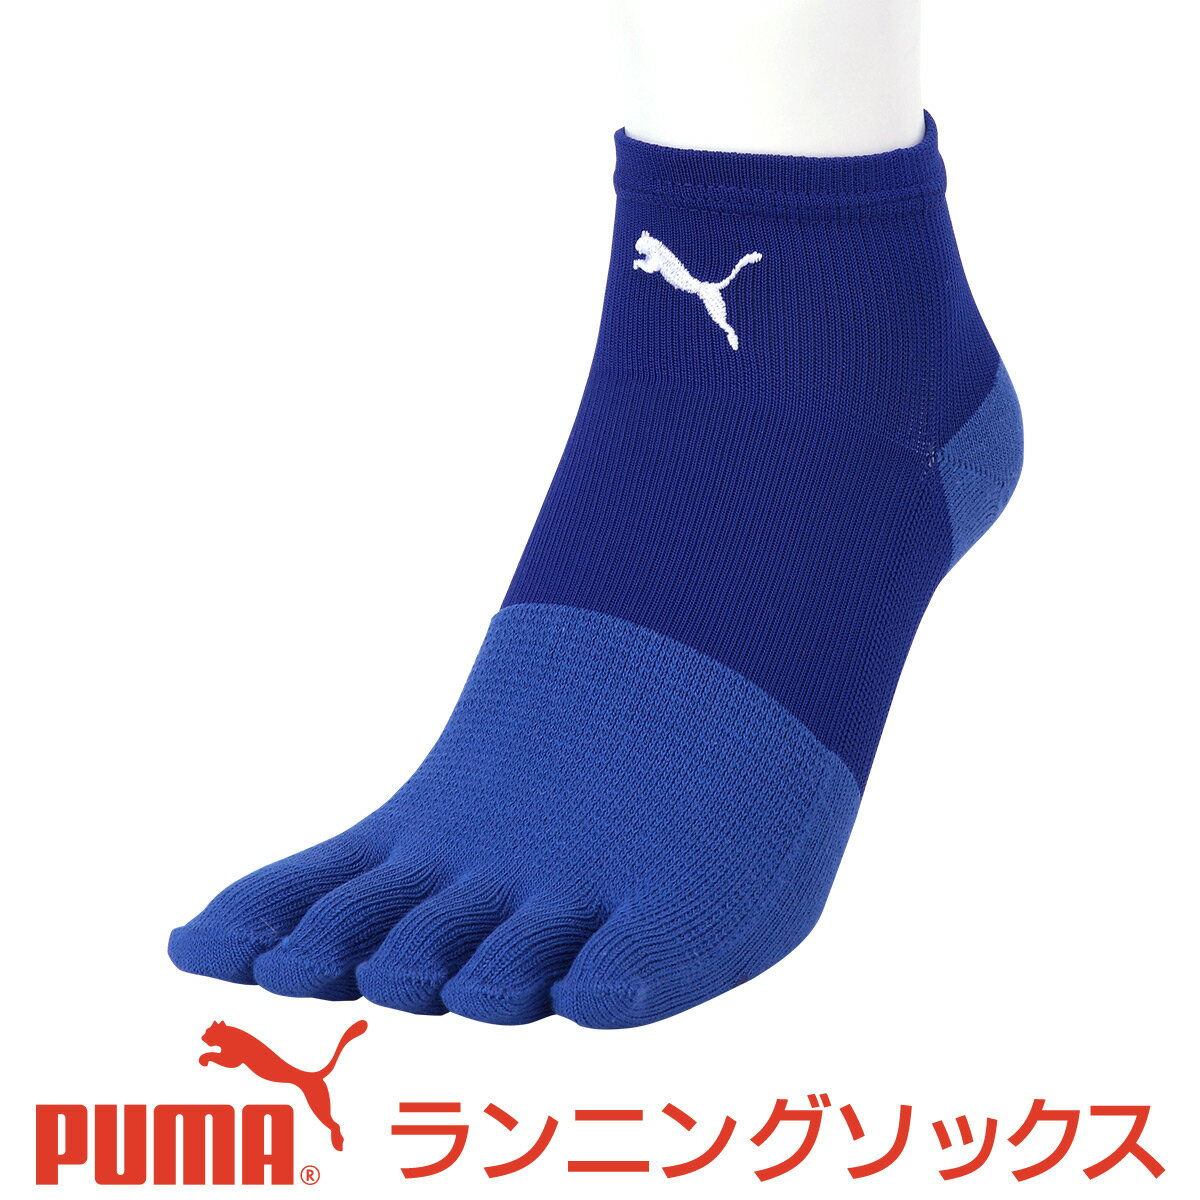 【送料無料】期間限定セール!33%OFF PUMA ( プーマ ) メンズ 靴下 足底滑り止め付き アーチフィットサポート 日本製 5本指 マラソン ランニング ソックス 大きいサイズ 28cm 29cm もあり2822-204ポイント10倍